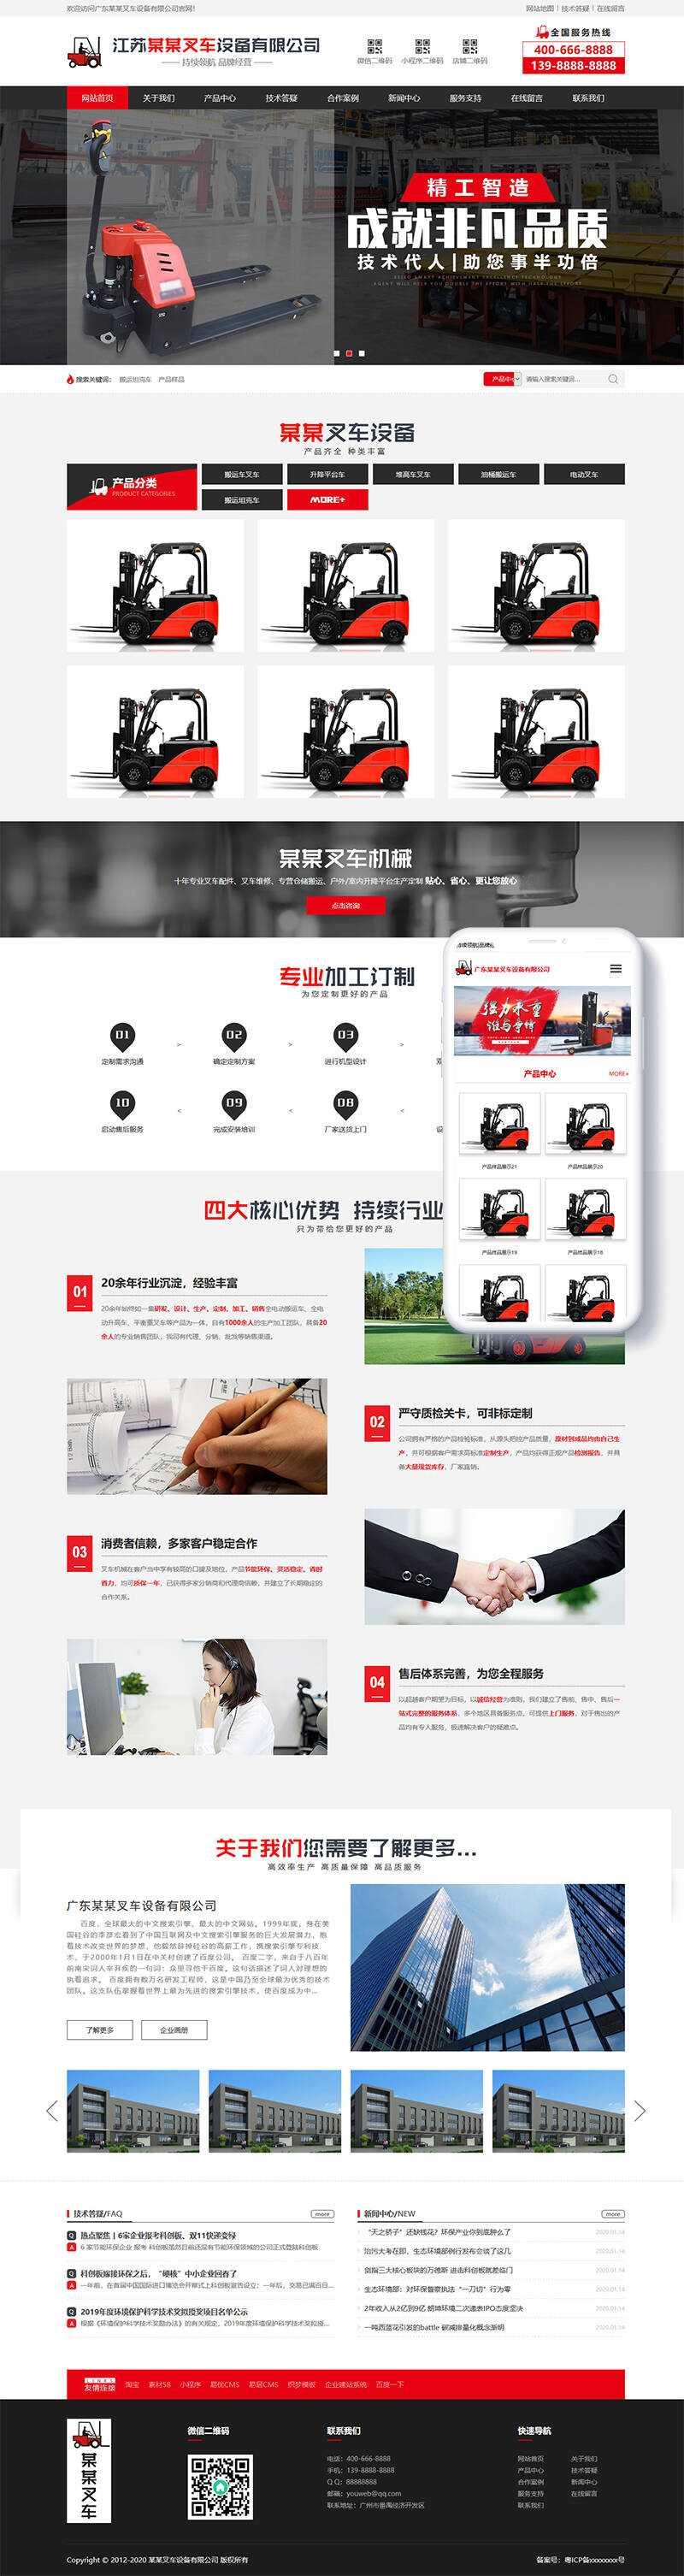 织梦营销型叉车工程机械设备制造类网站织梦模板(带手机端)_百家站